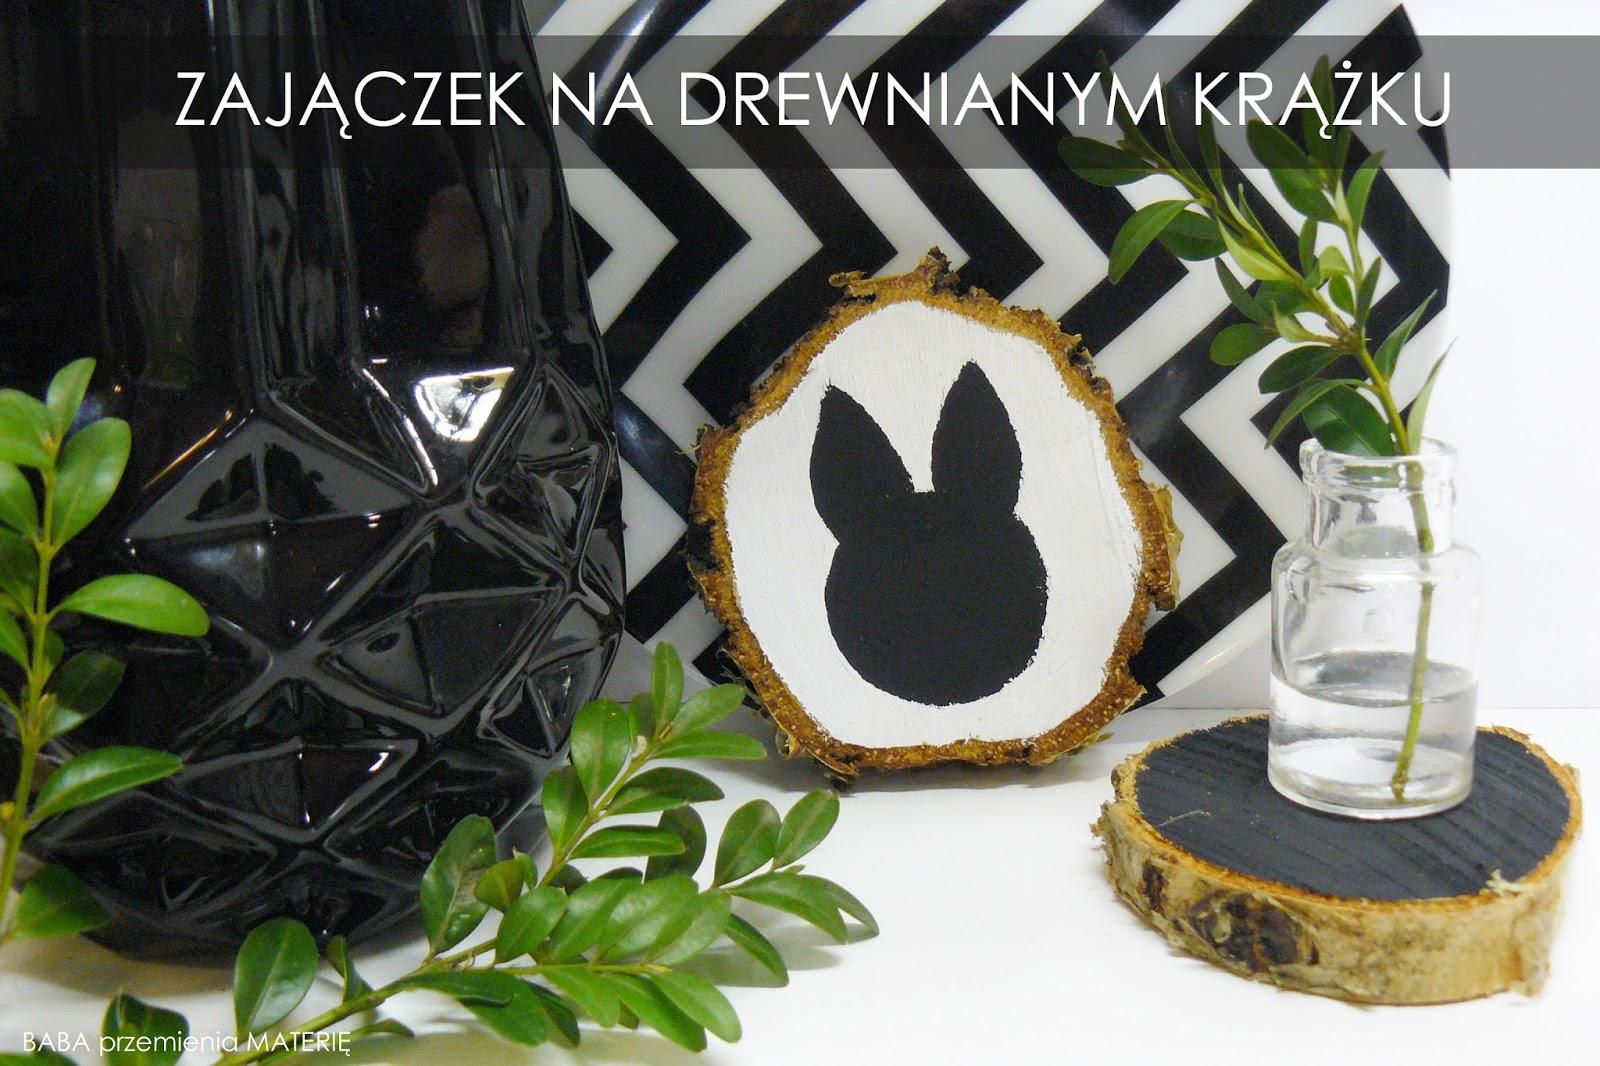 http://babaprzemieniamaterie.blogspot.com/2016/03/diy-zajaczek-na-brzozowym-krazku-w.html